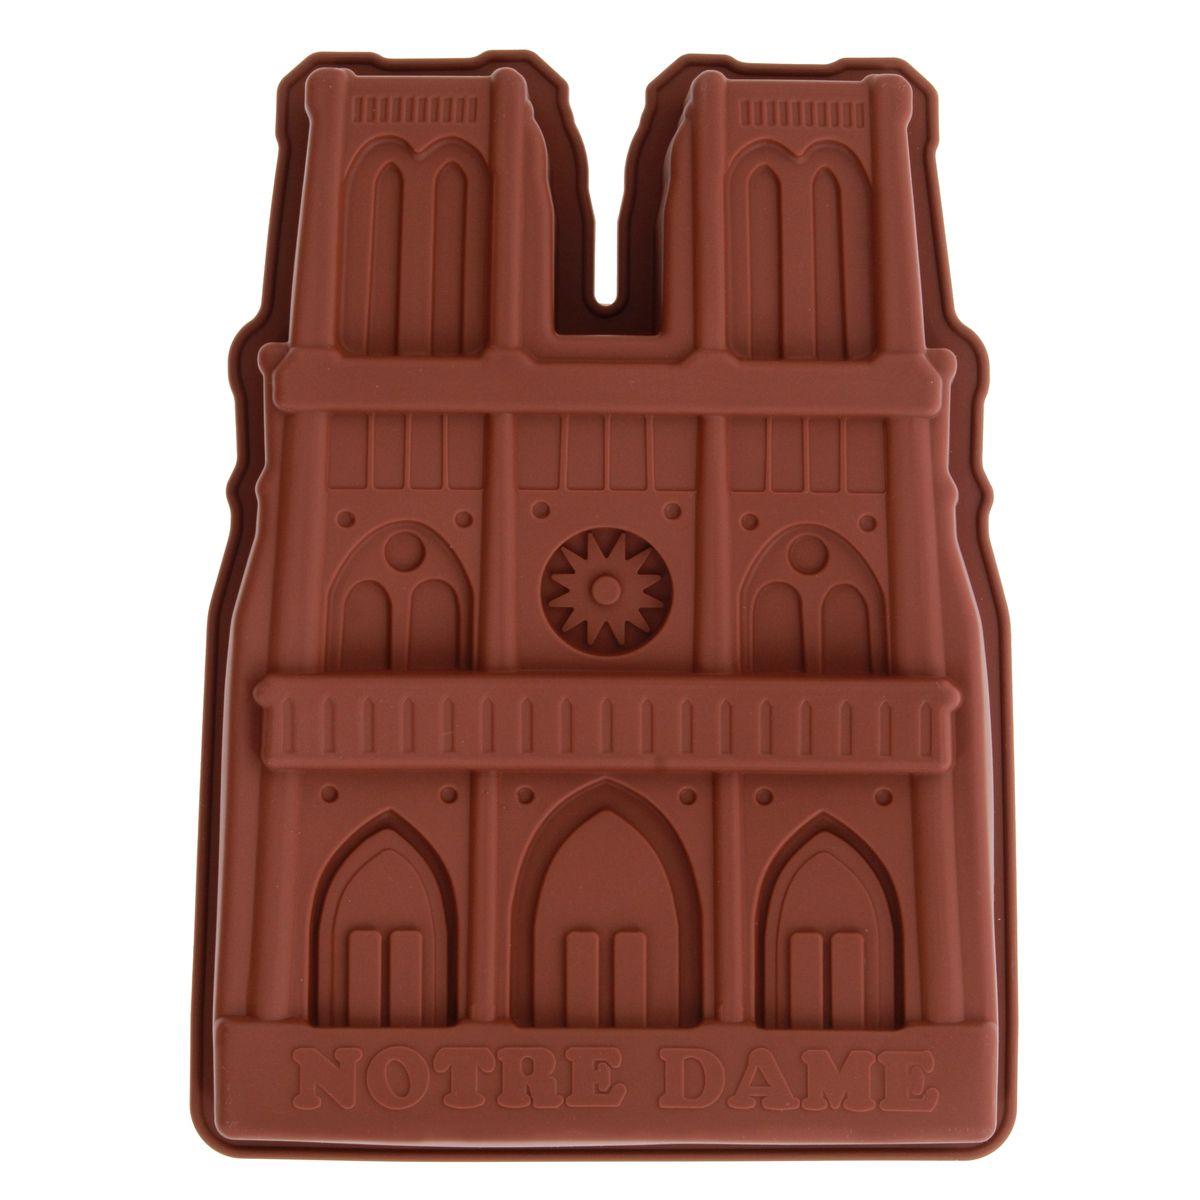 Moule gâteau en silicone marron Notre-Dame - Le Chef Paris